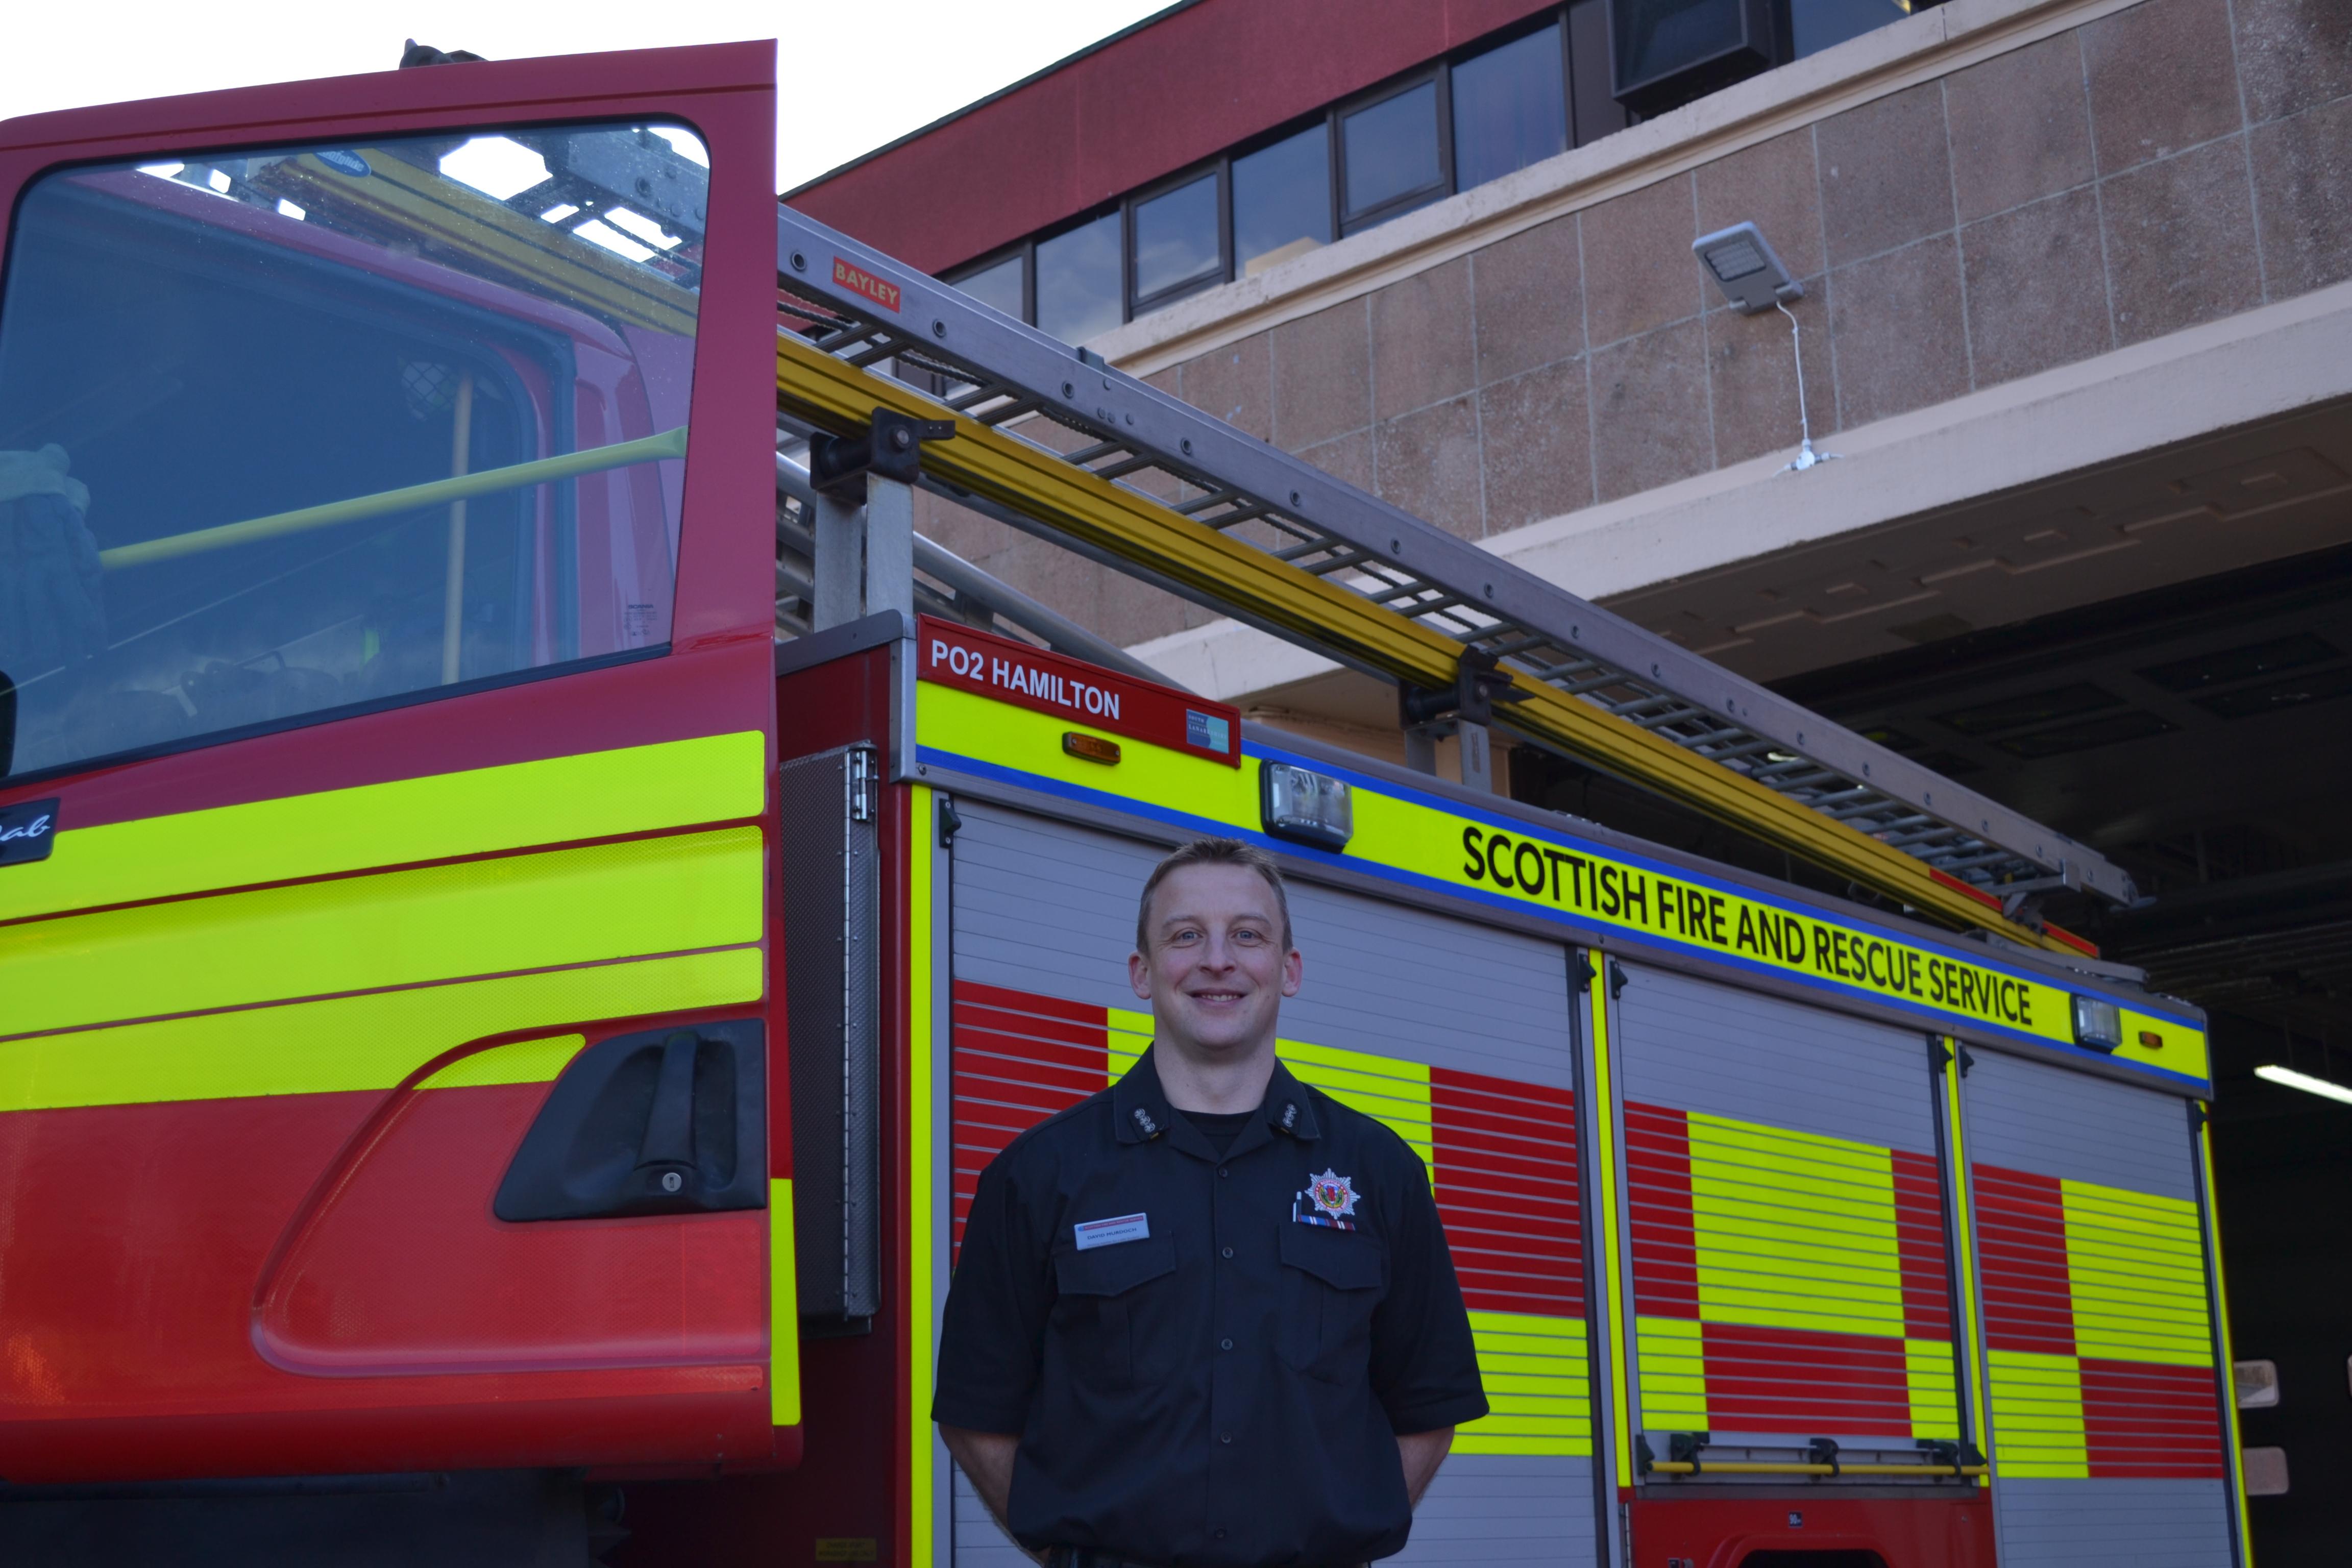 Lanark honour for SFRS officer